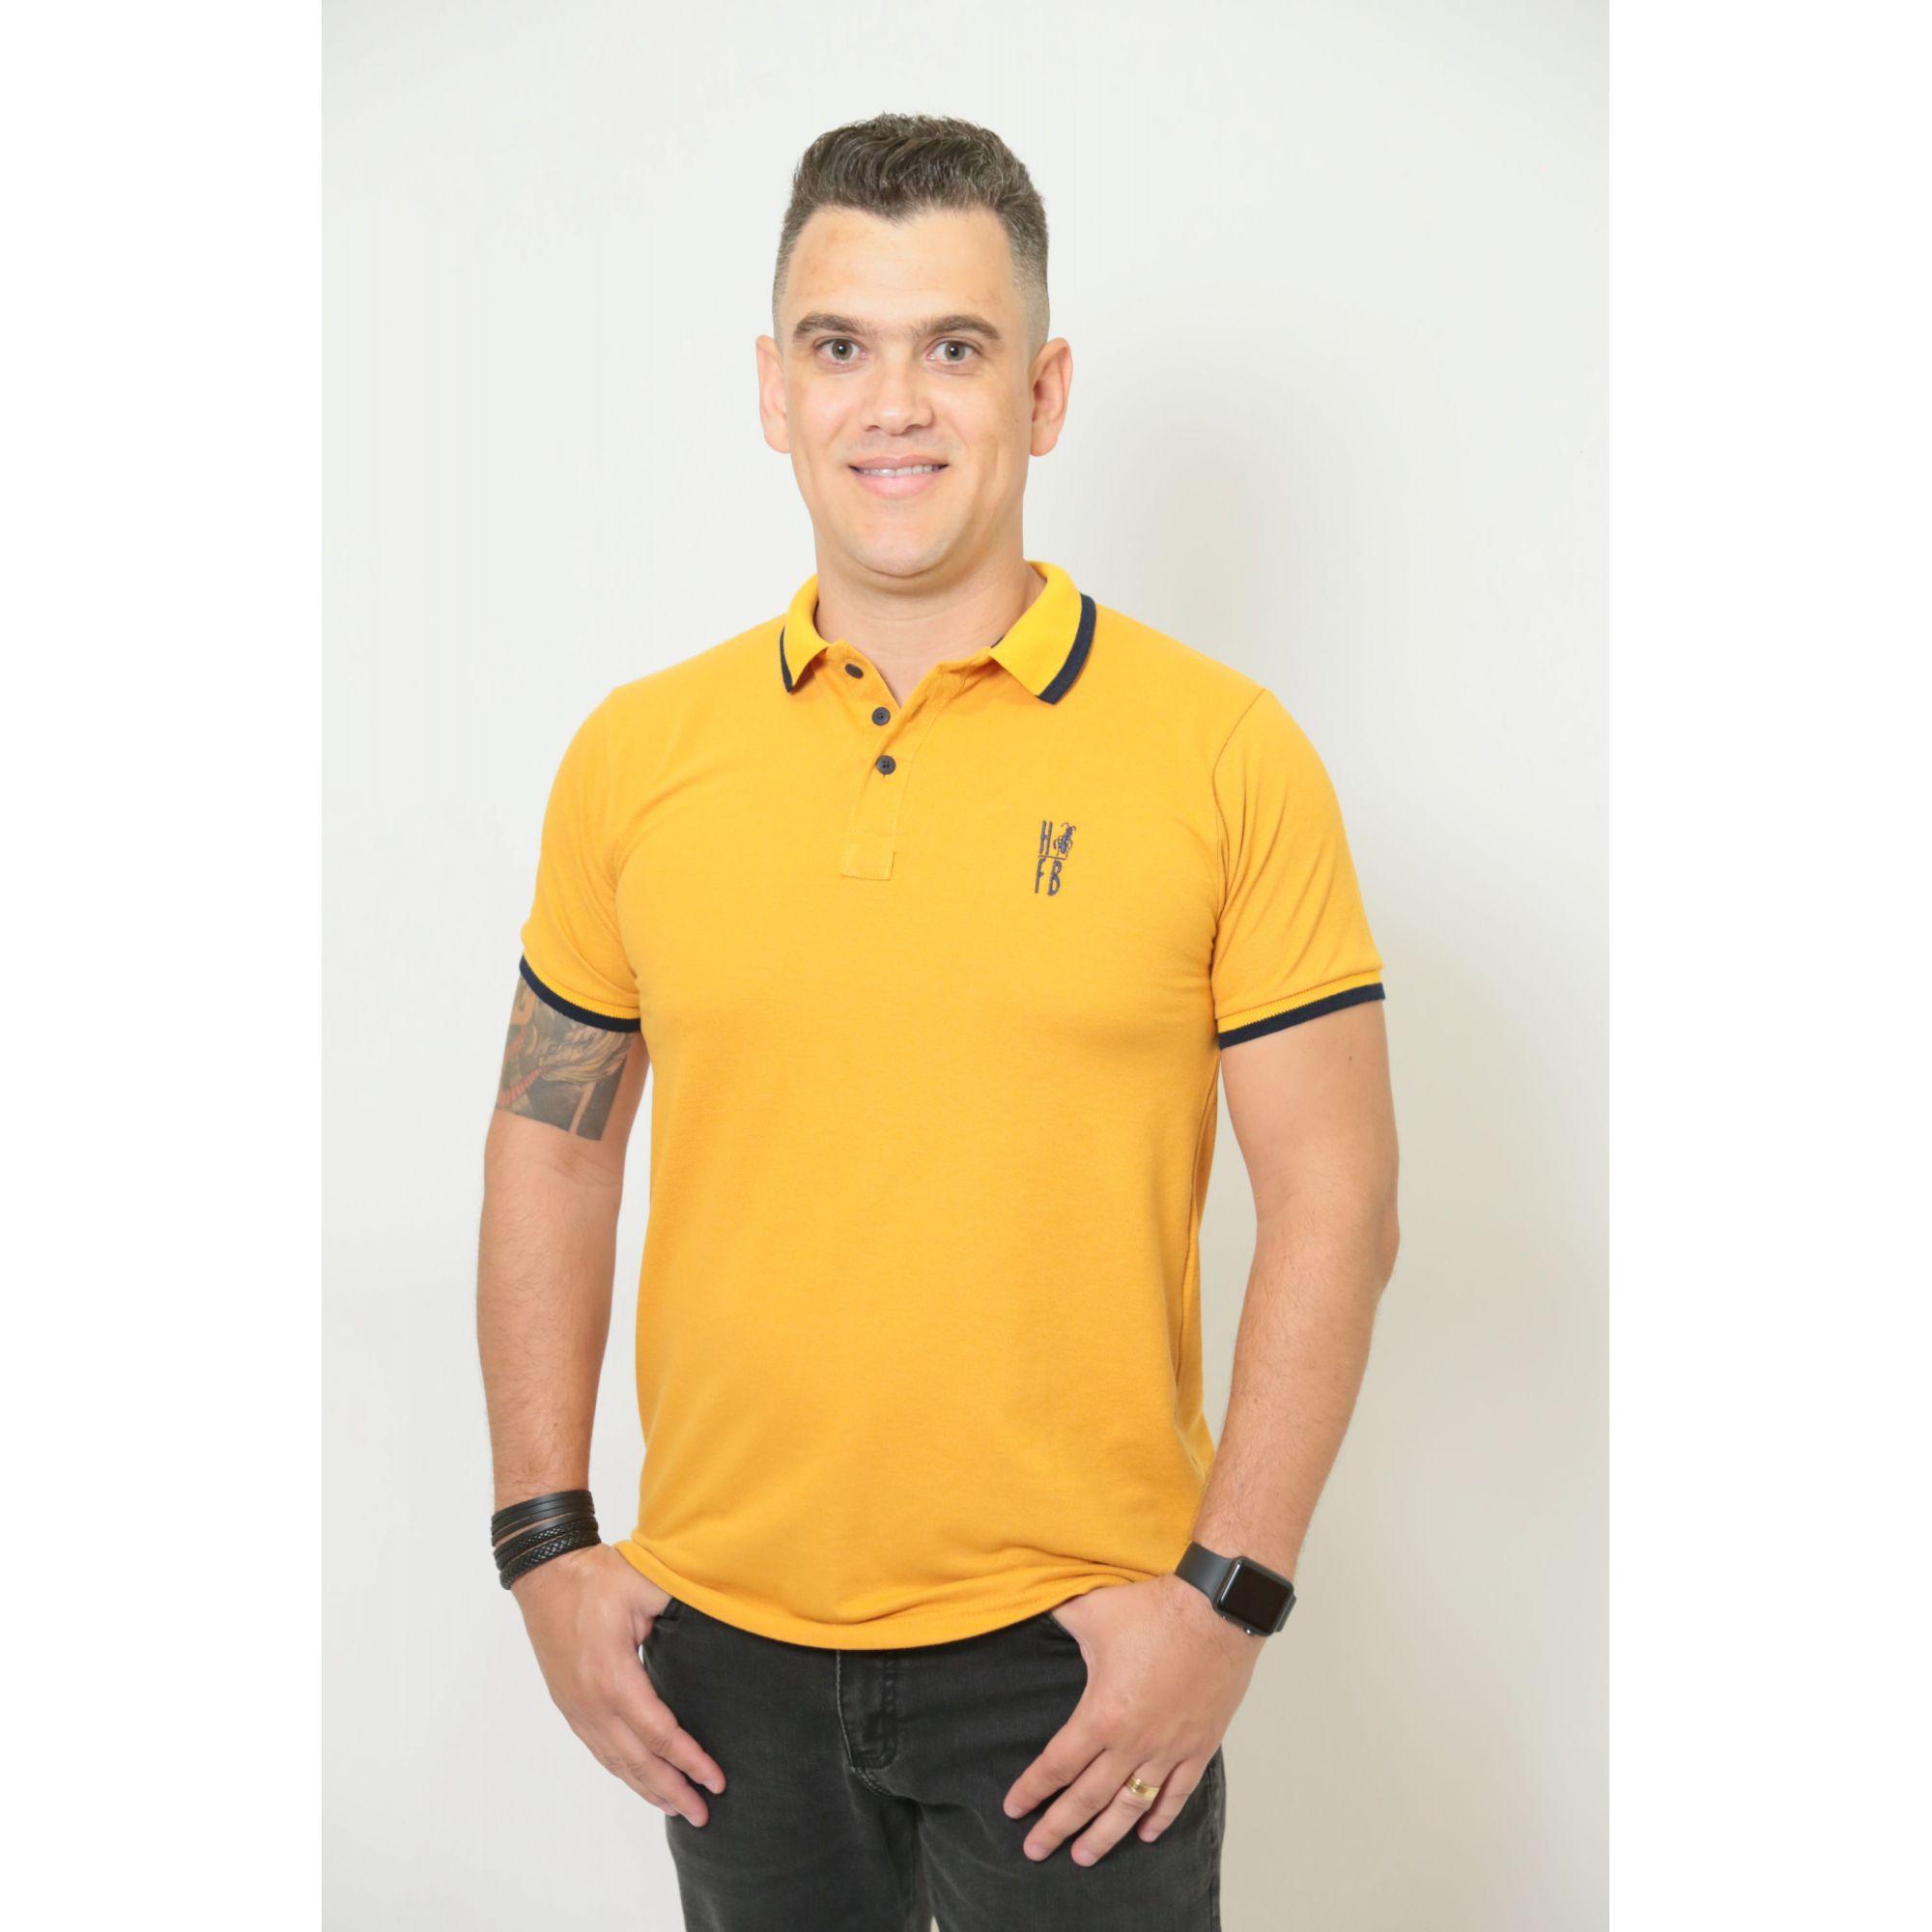 PAIS E FILHOS > Kit 3 peças Camisas ou Body Polo Mostarda [Coleção Família]  - Heitor Fashion Brazil